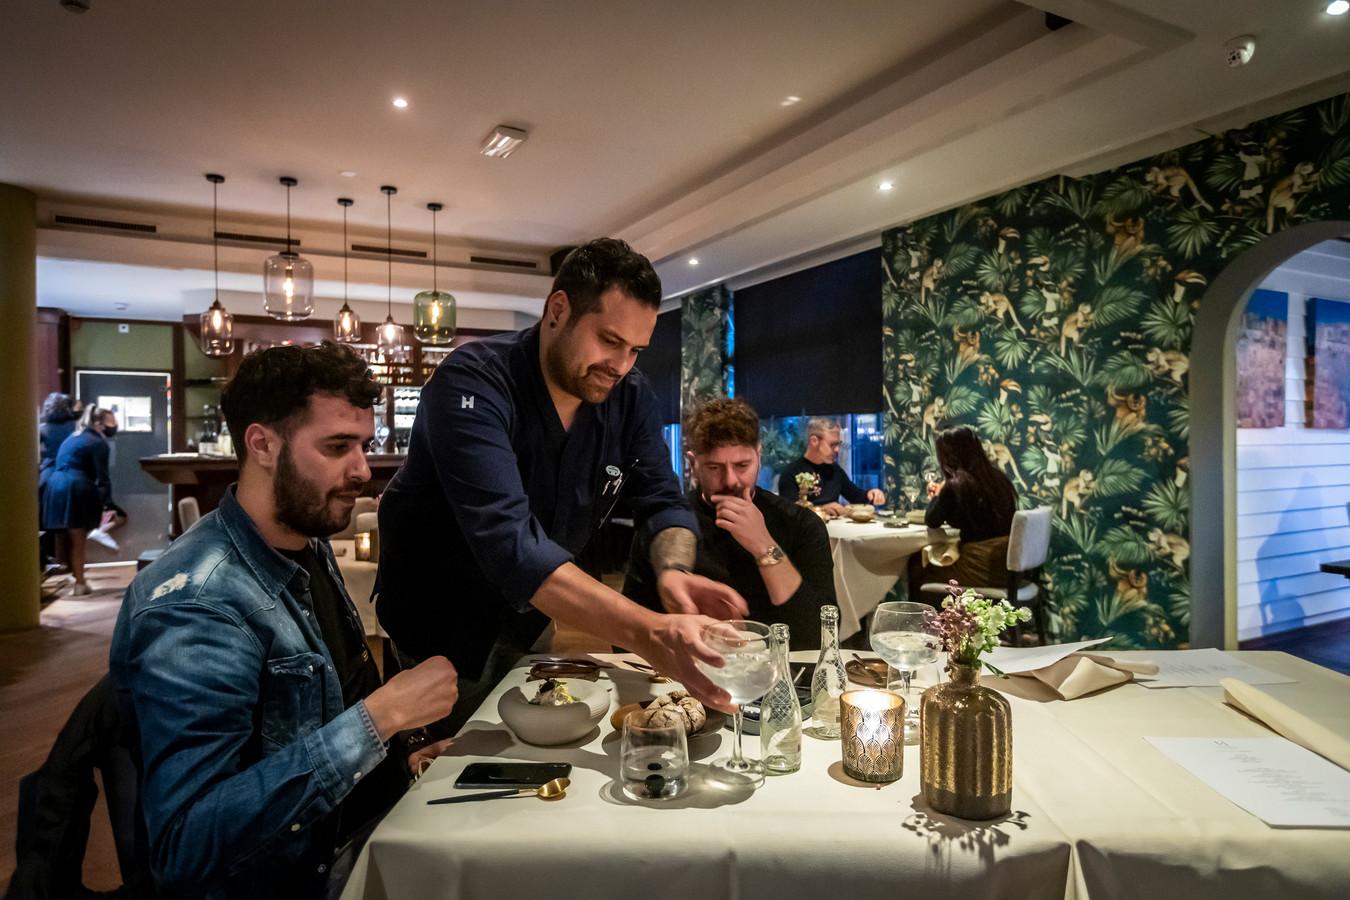 Hotel Lambert en Nastrium bieden samen een arrangement aan voor een etentje en een nachtje in het hotel, dan mag er namelijk wel in het restaurant gegeten worden. Het kost wel dik 350 euro.